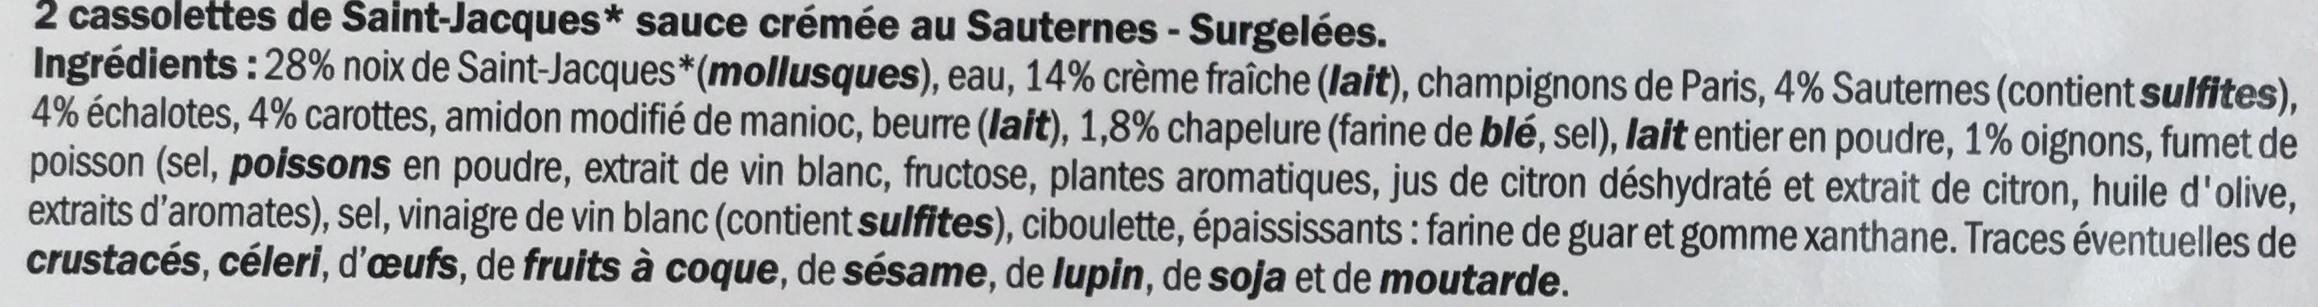 2 Cassolettes aux Noix de Saint-Jacques sauce crémée au Sauternes - Ingrédients